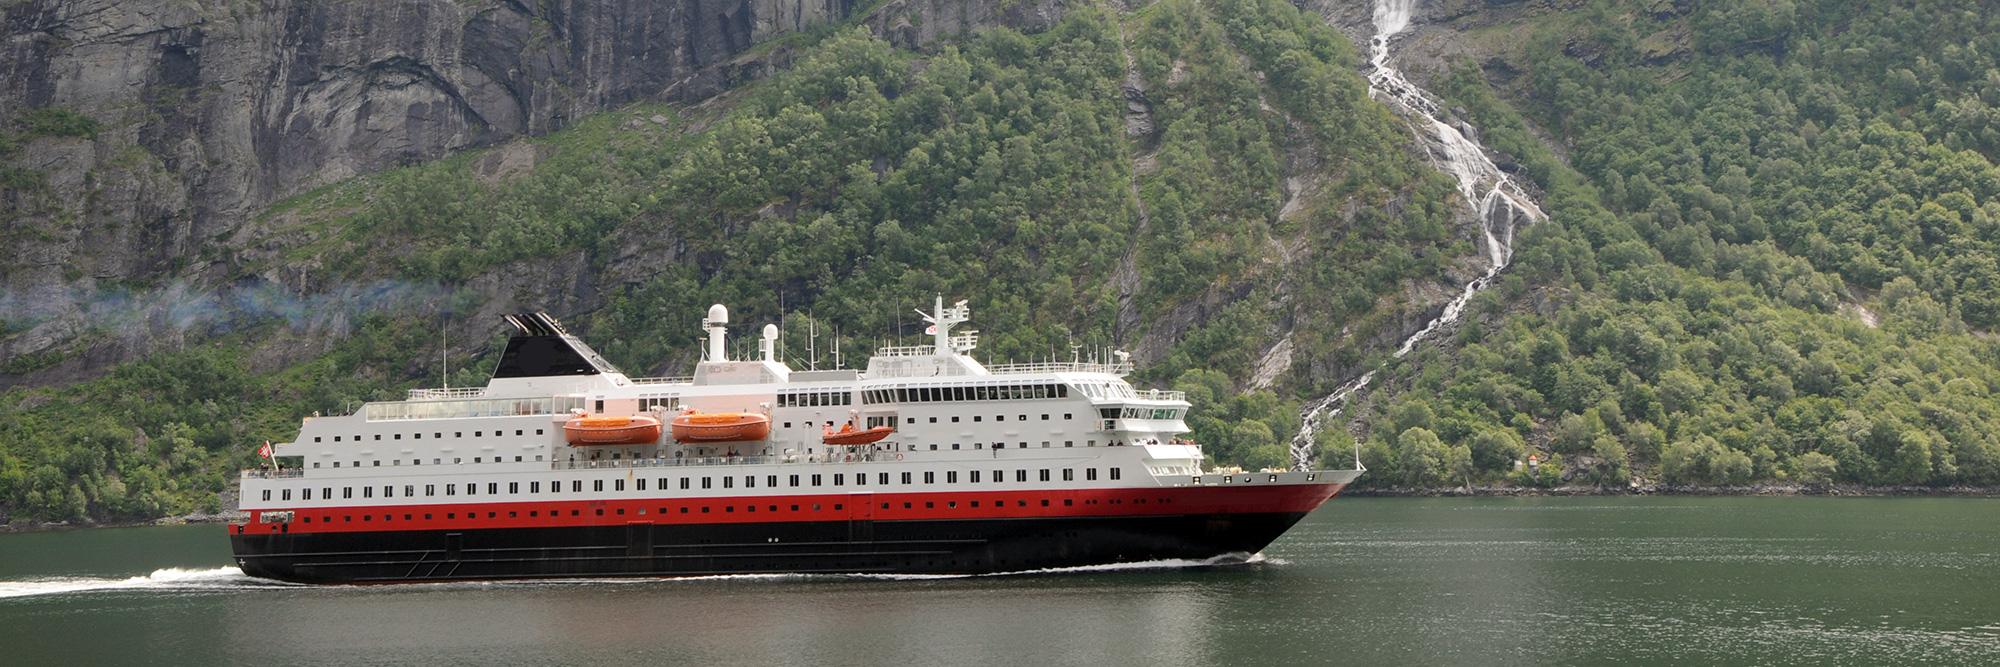 Express côtier Hurtigruten (bateau)